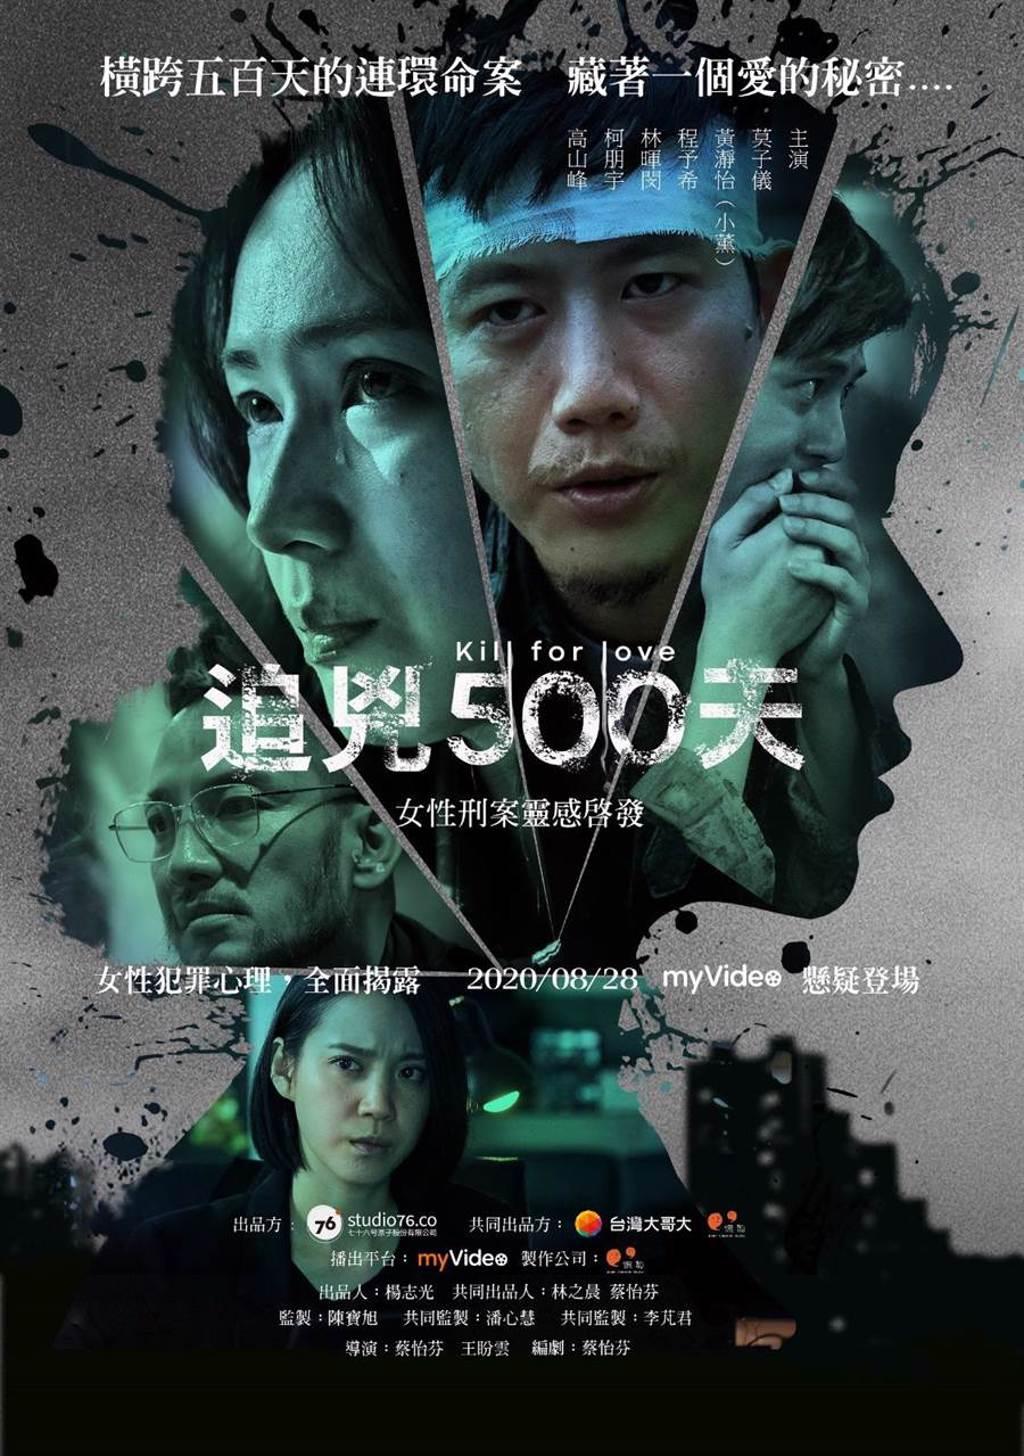 迷你劇集《追兇500天》主視覺海報。(七十六号原子提供)